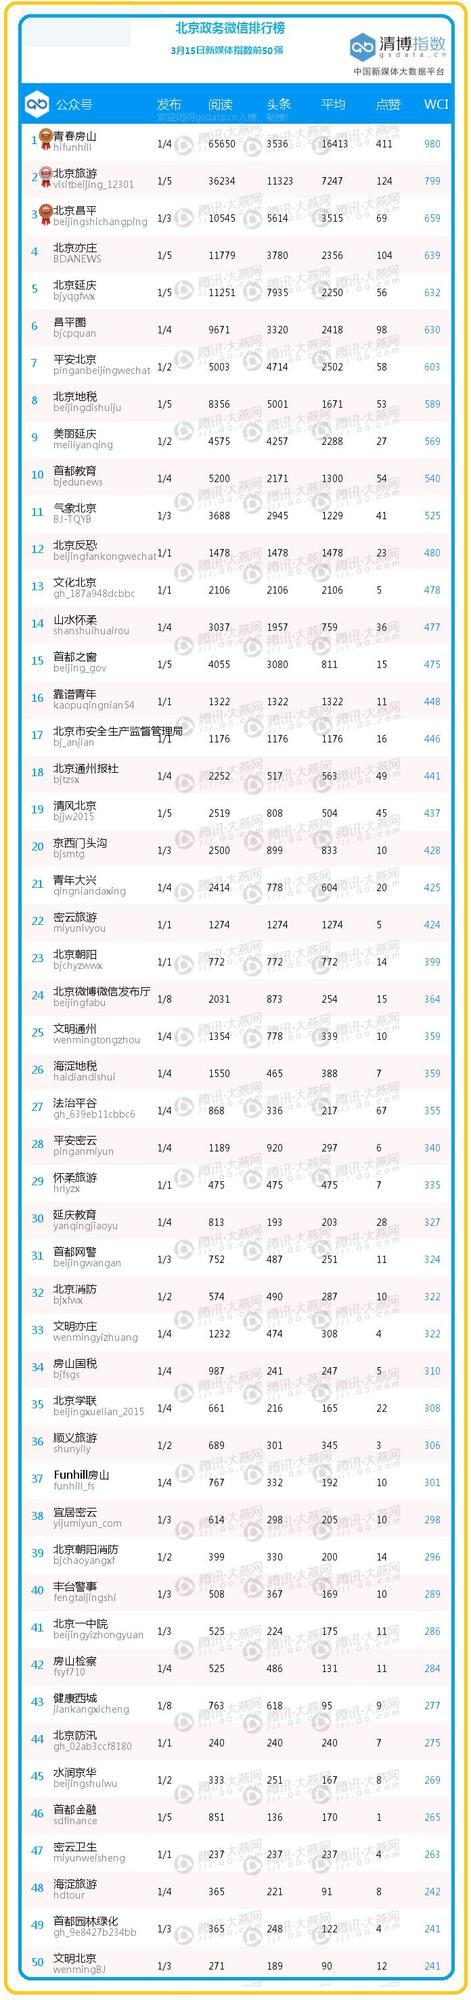 """【日排榜】前50名上升榜竞争激烈 """"美丽延庆""""冲进前10"""